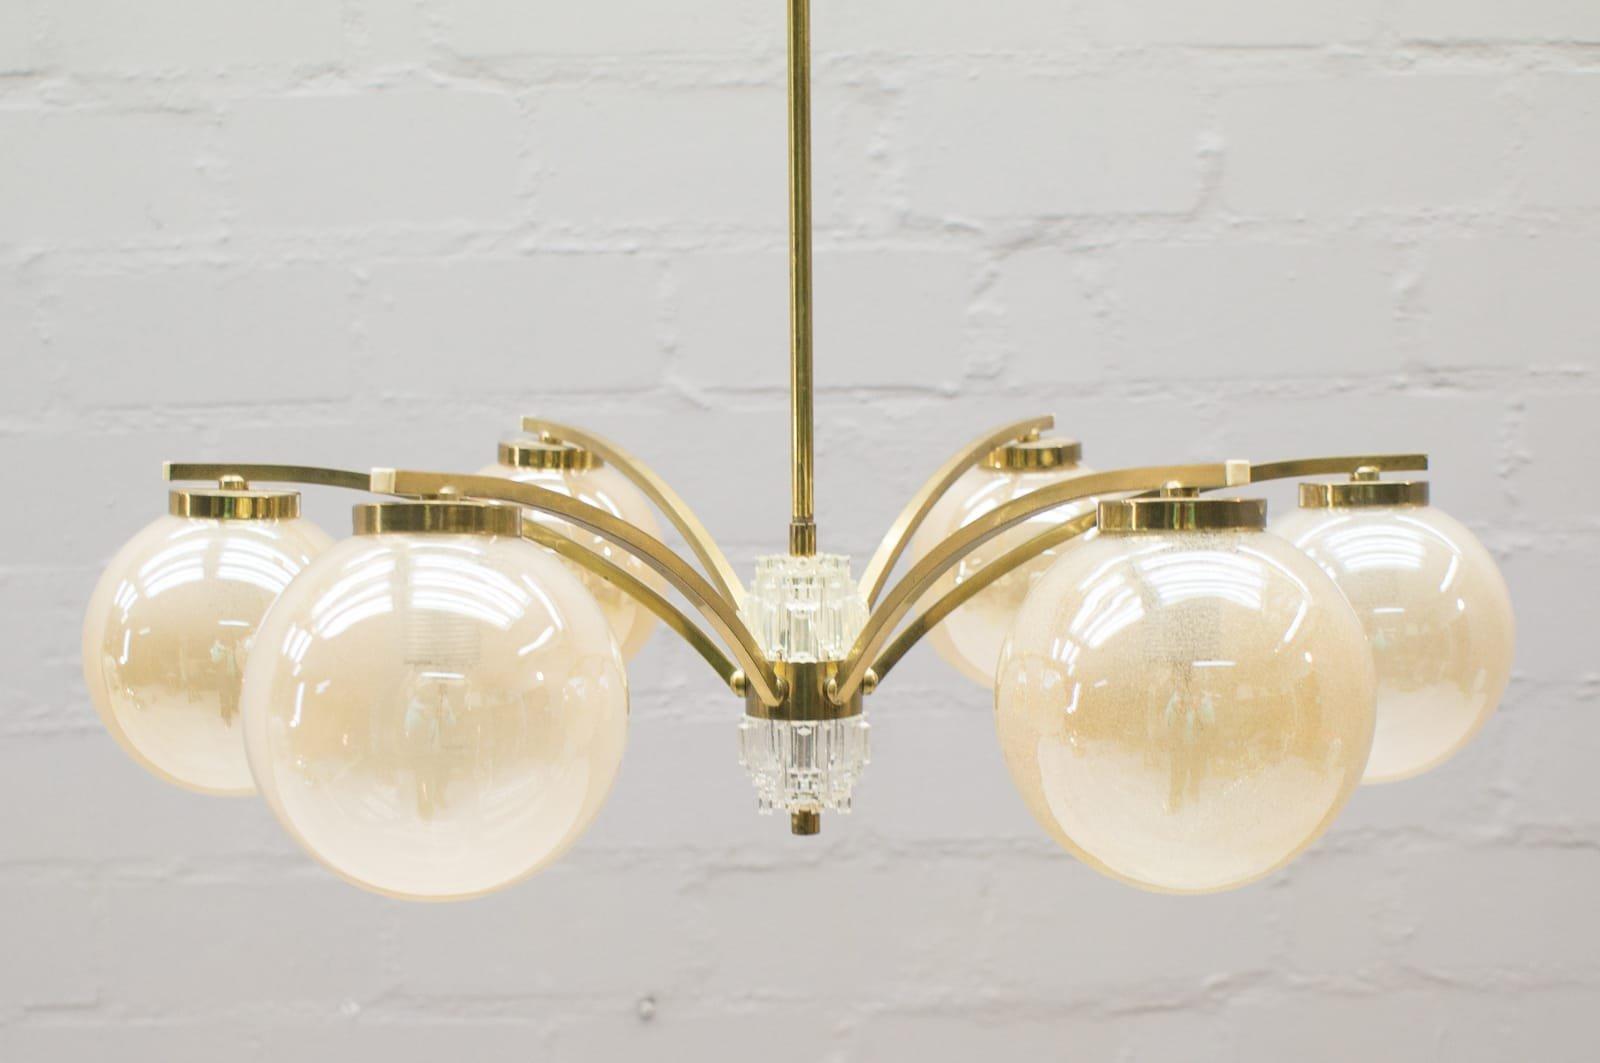 Vergoldeter Vintage Kronleuchter mit 6 Leuchten, 1960er